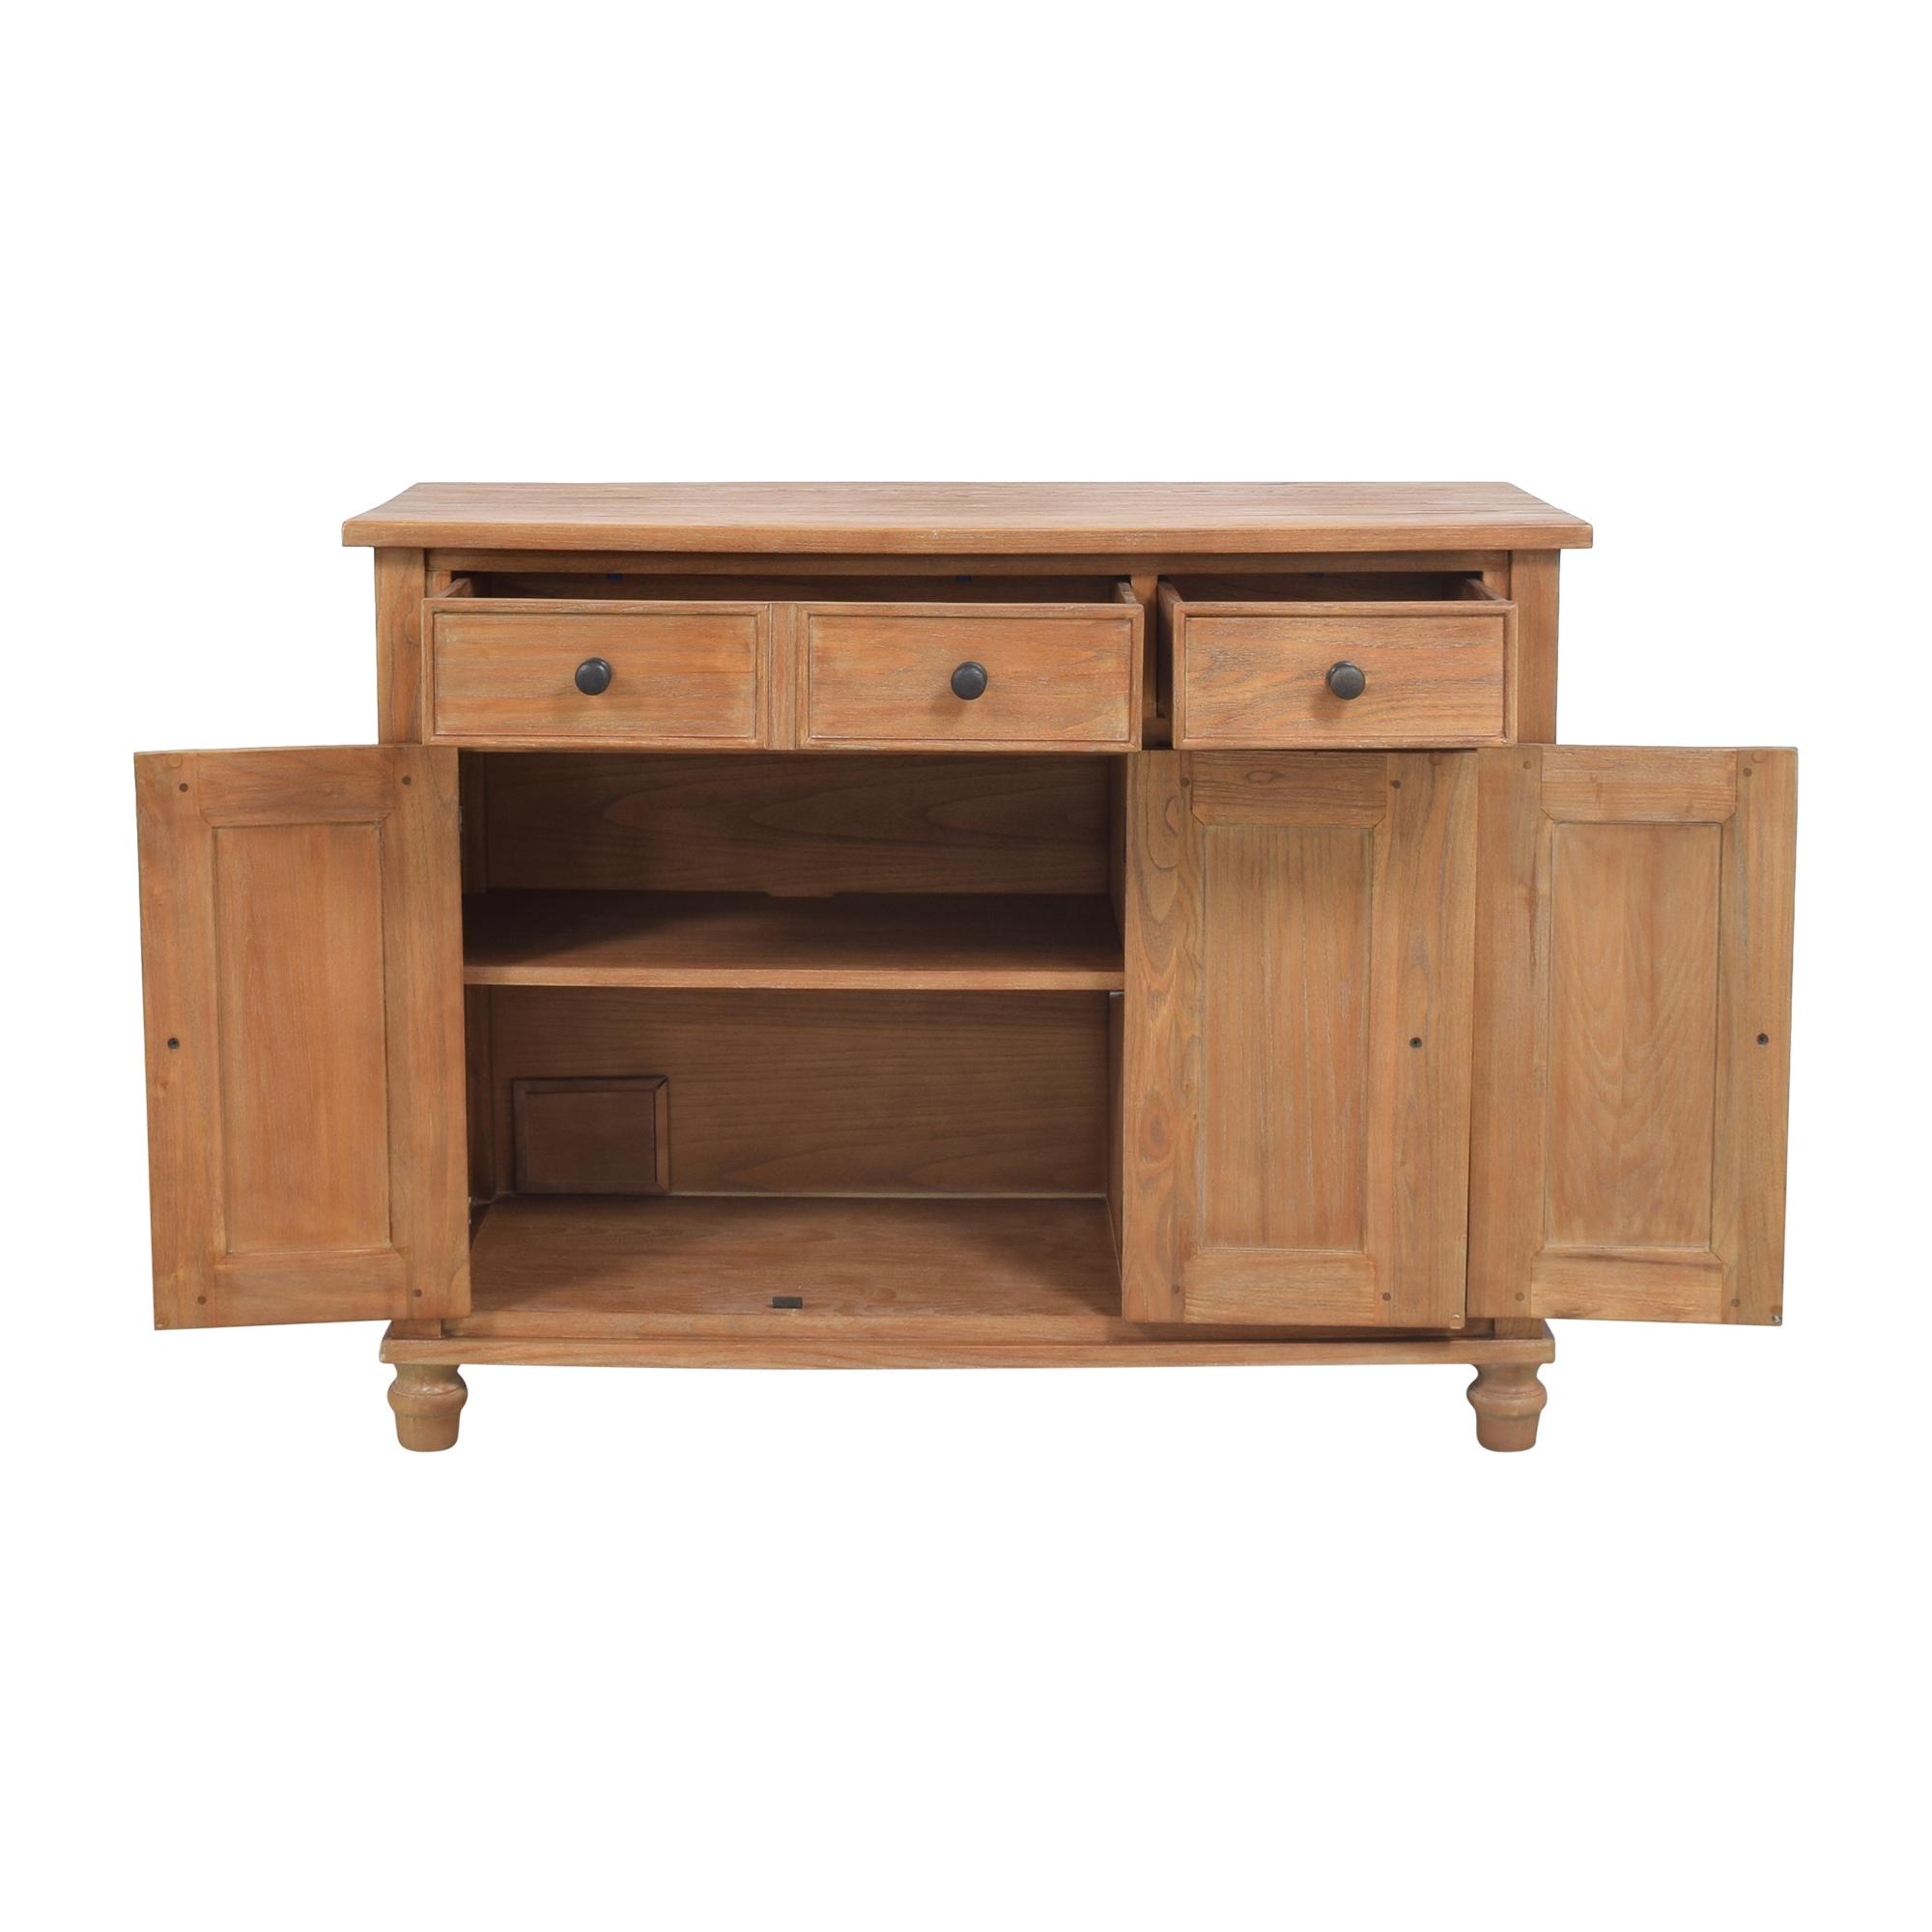 Crate & Barrel Crate & Barrel Kipling Buffet Cabinet pa